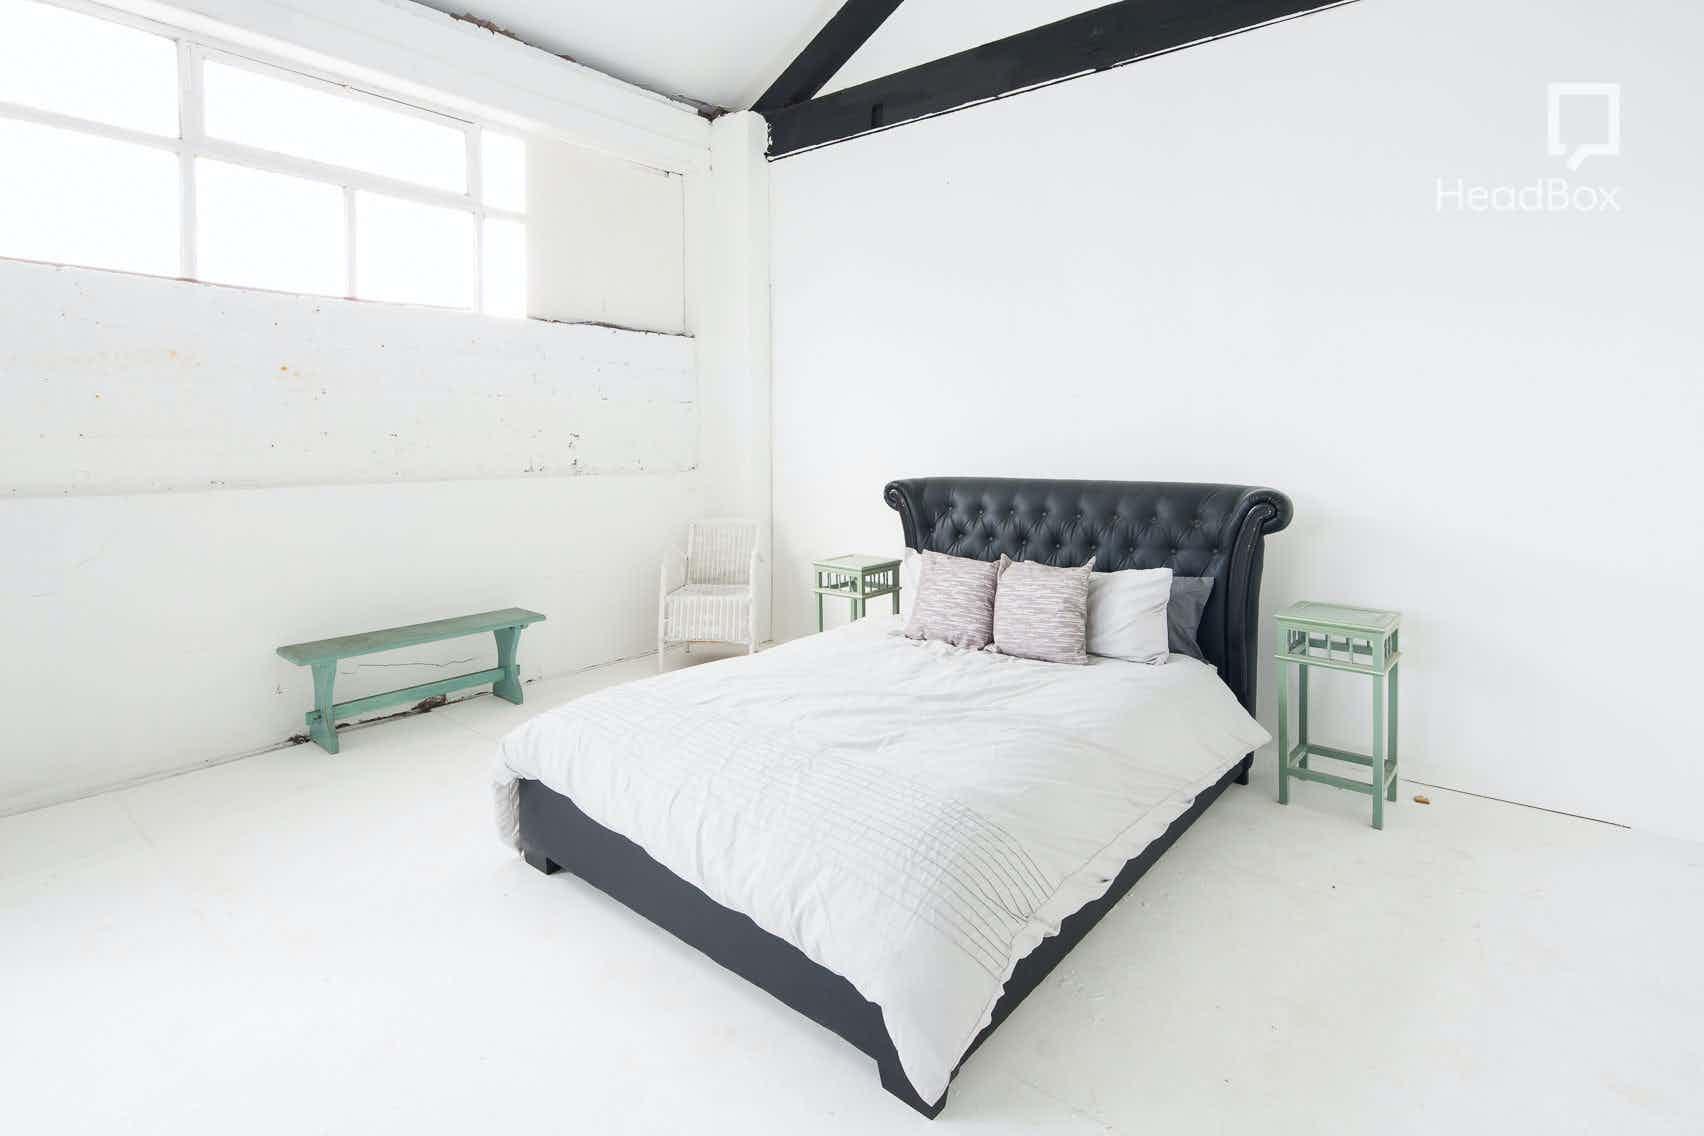 Studio 1 + Gym / Bed / Catwalk Shoot Area, Studio 303